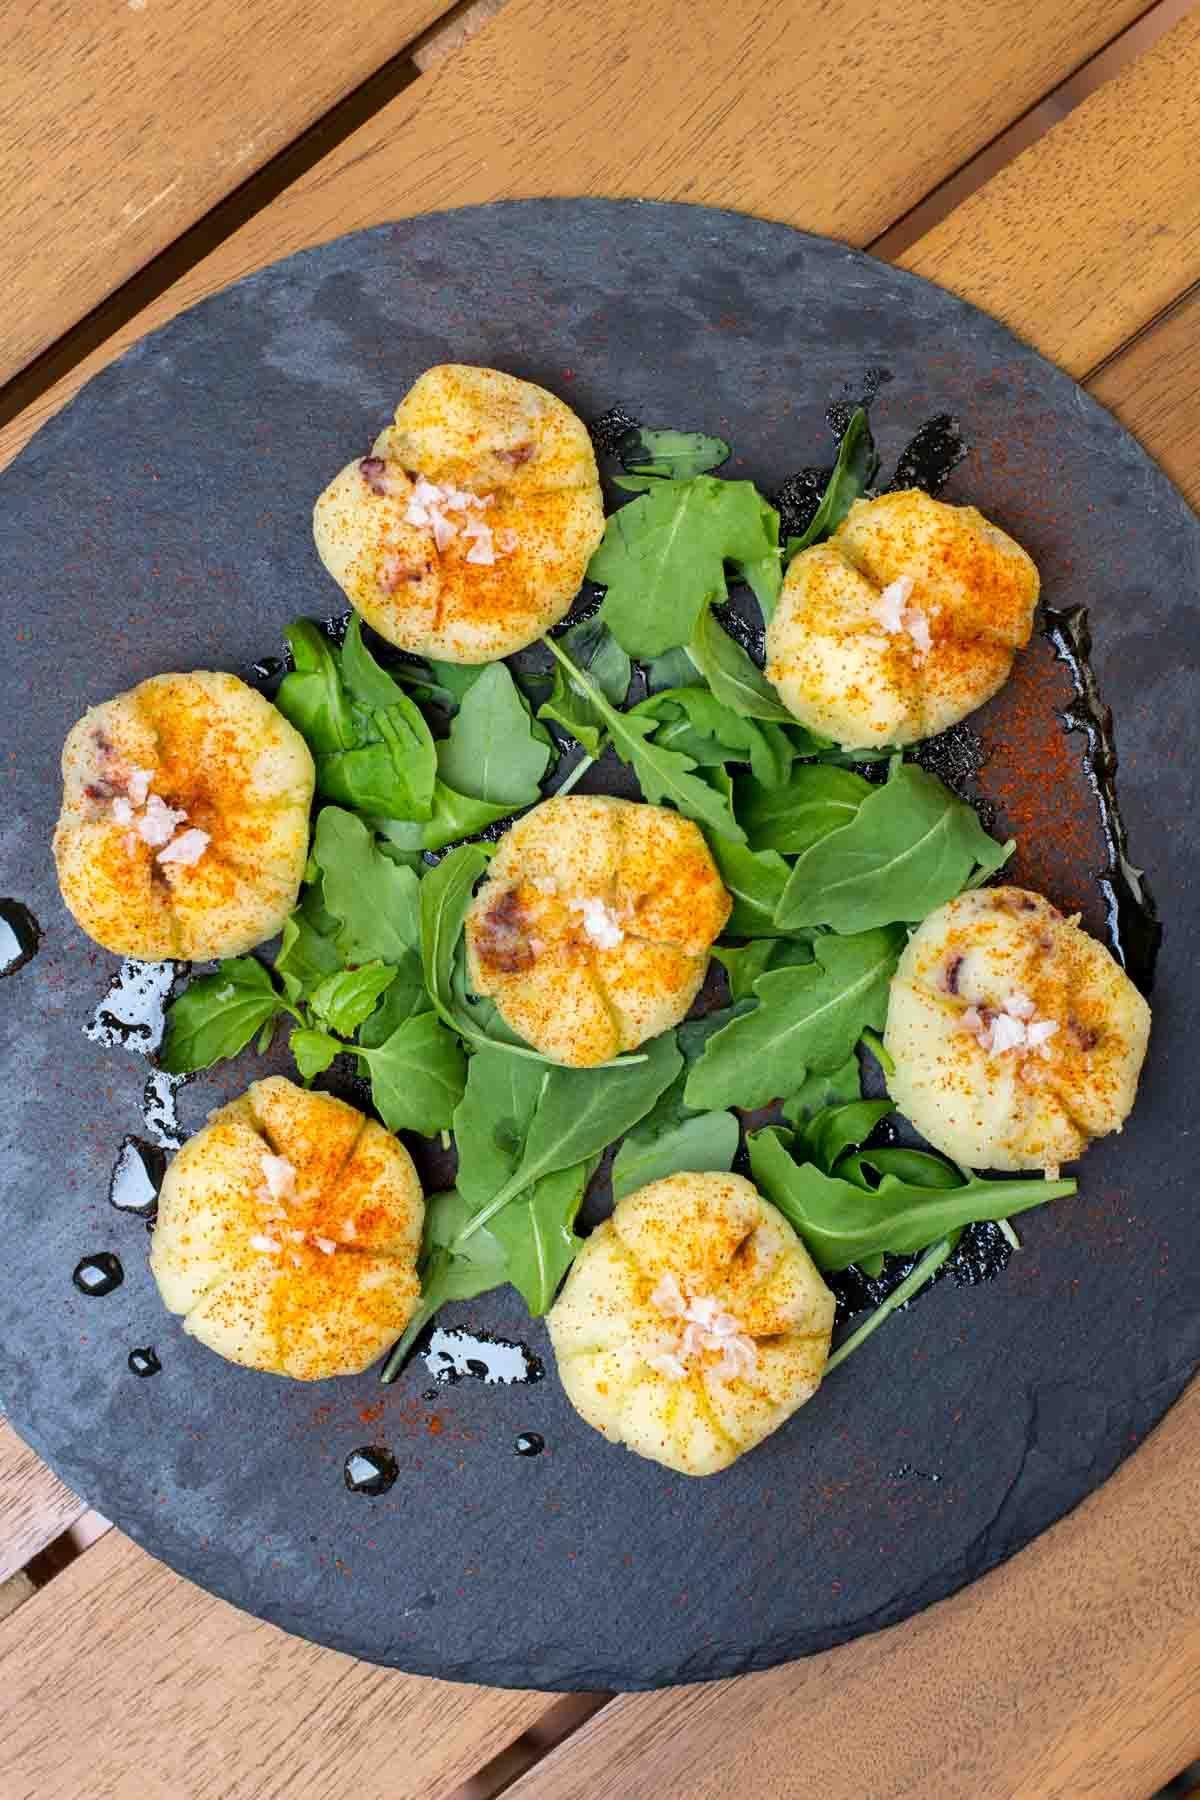 Bolitas de pulpo huevo gigante pulpo recetas aperitivos calientes y recetas - Ensalada de judias pintas ...